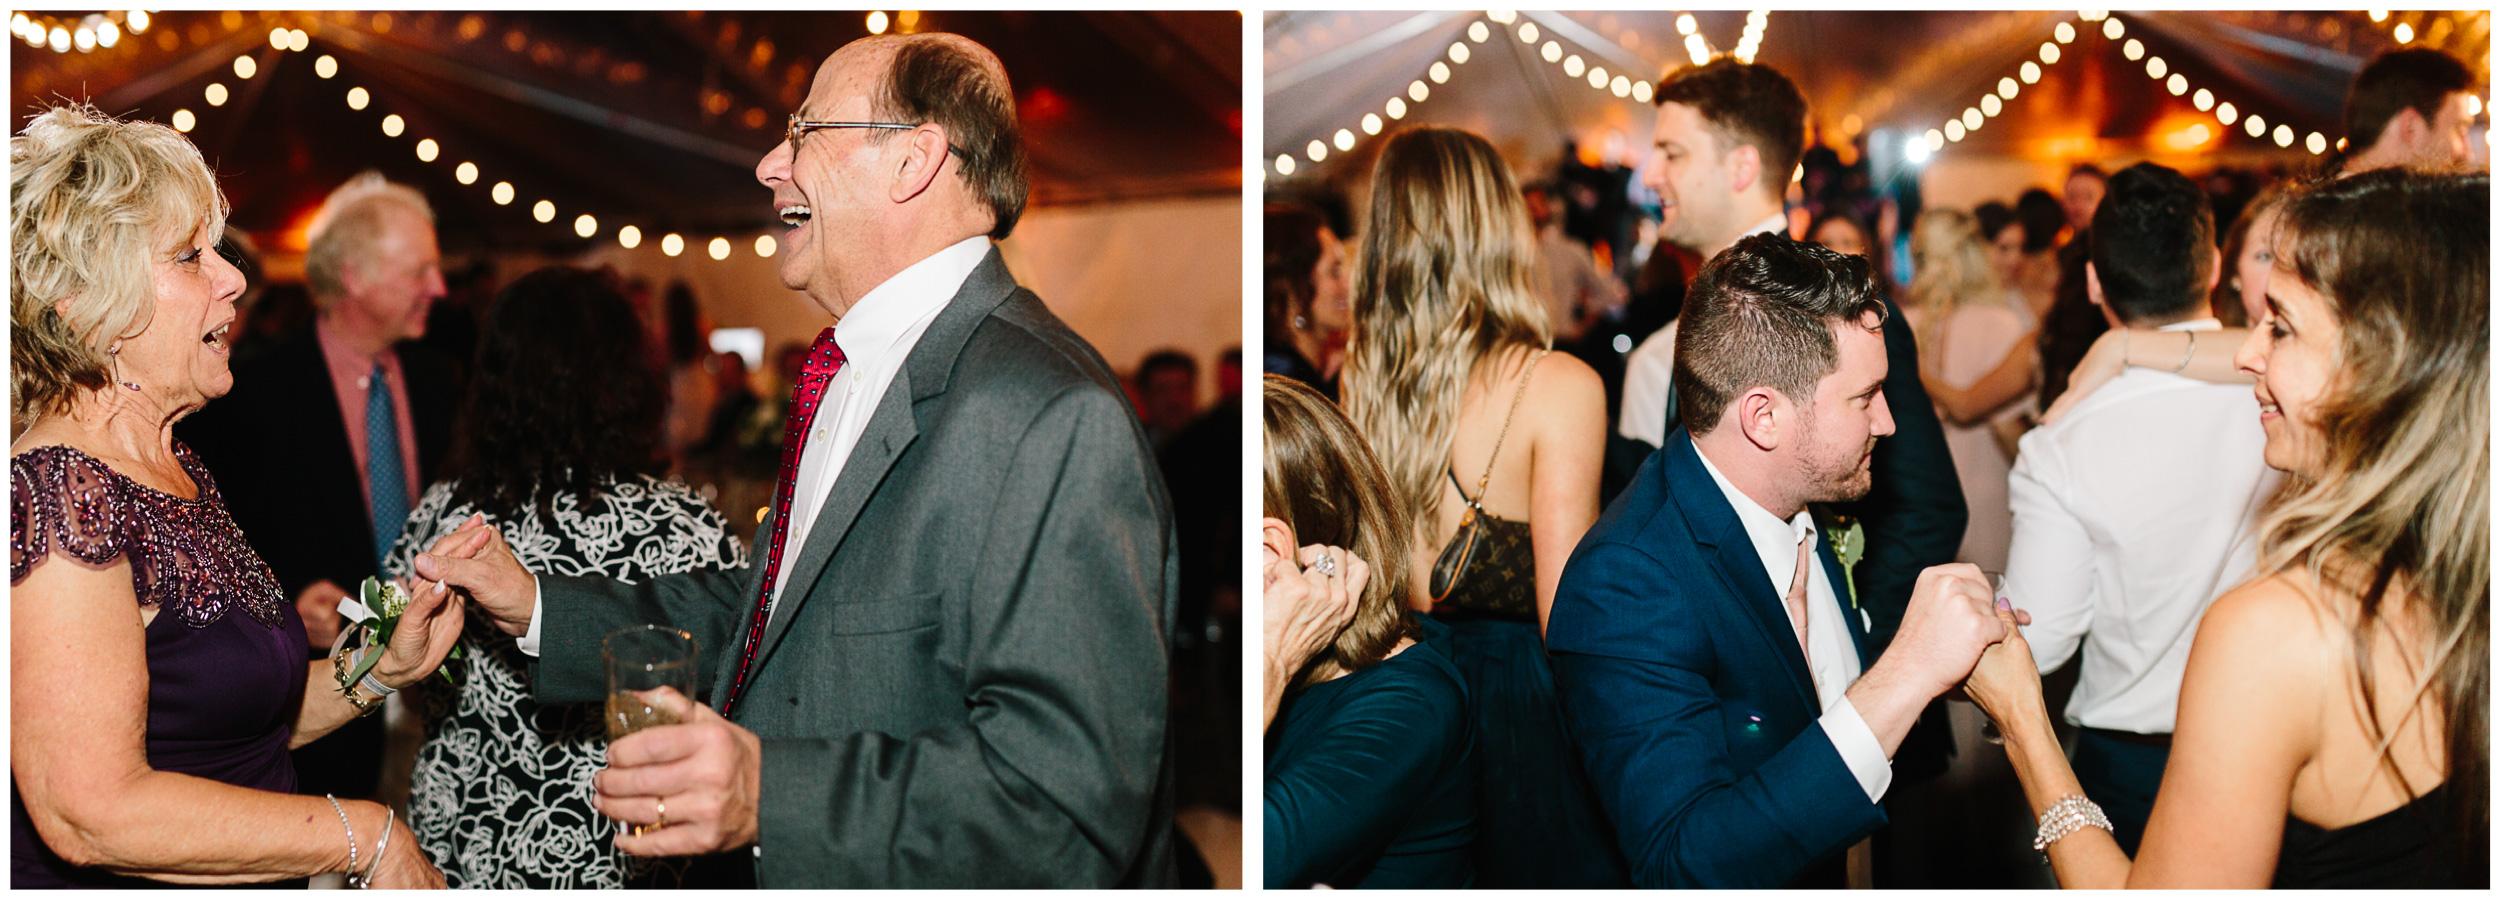 the_deering_estate_wedding_102.jpg